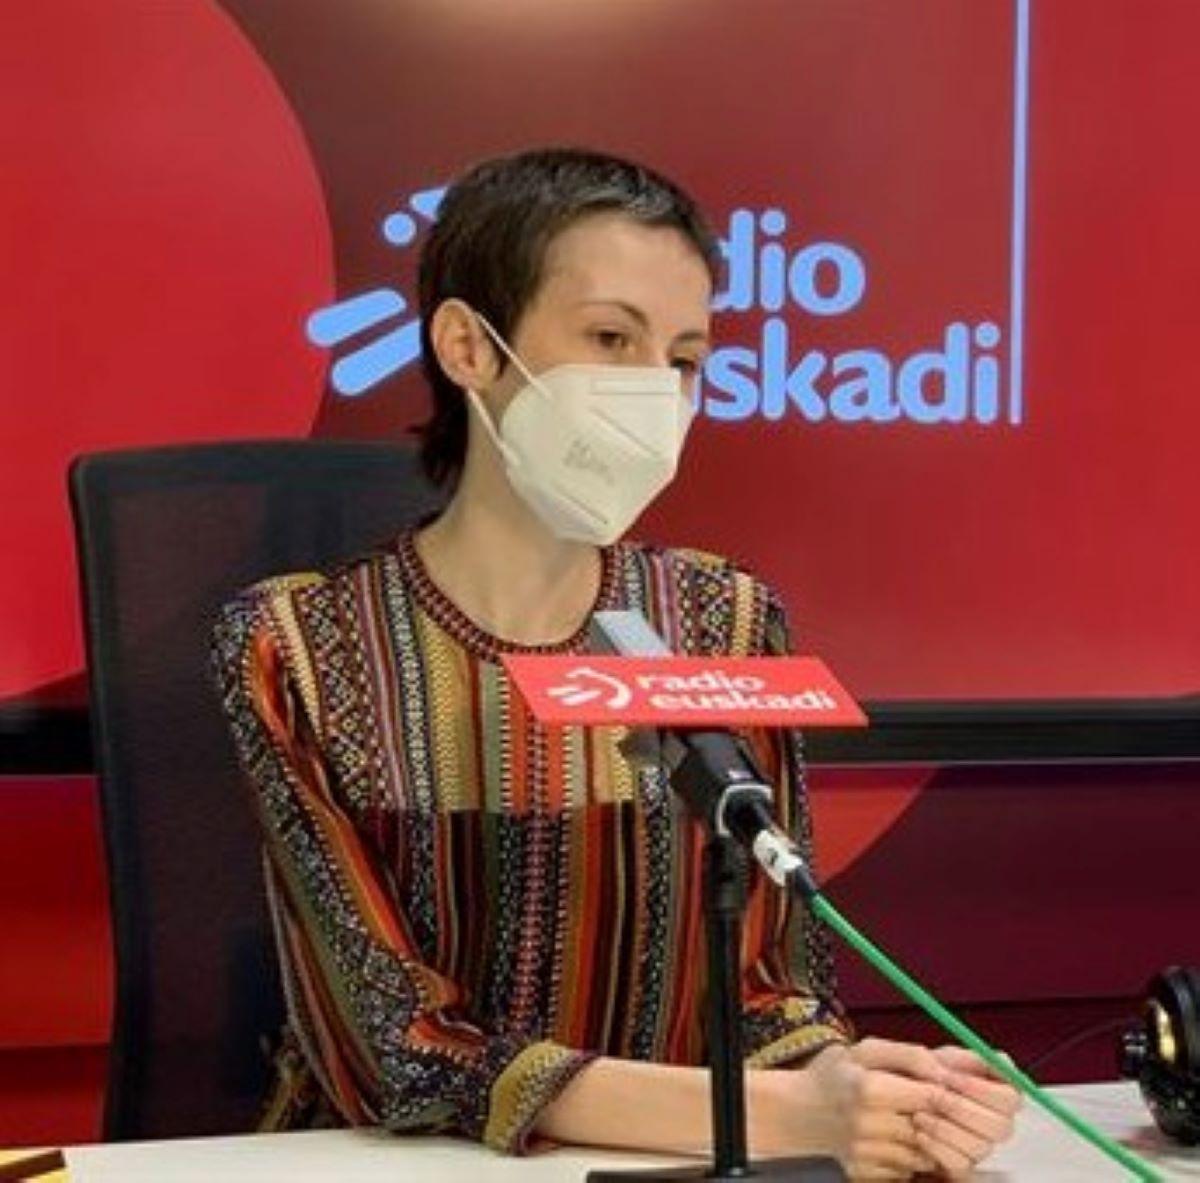 Lutto Giornalismo Spagna Morta Olatz Vazquez